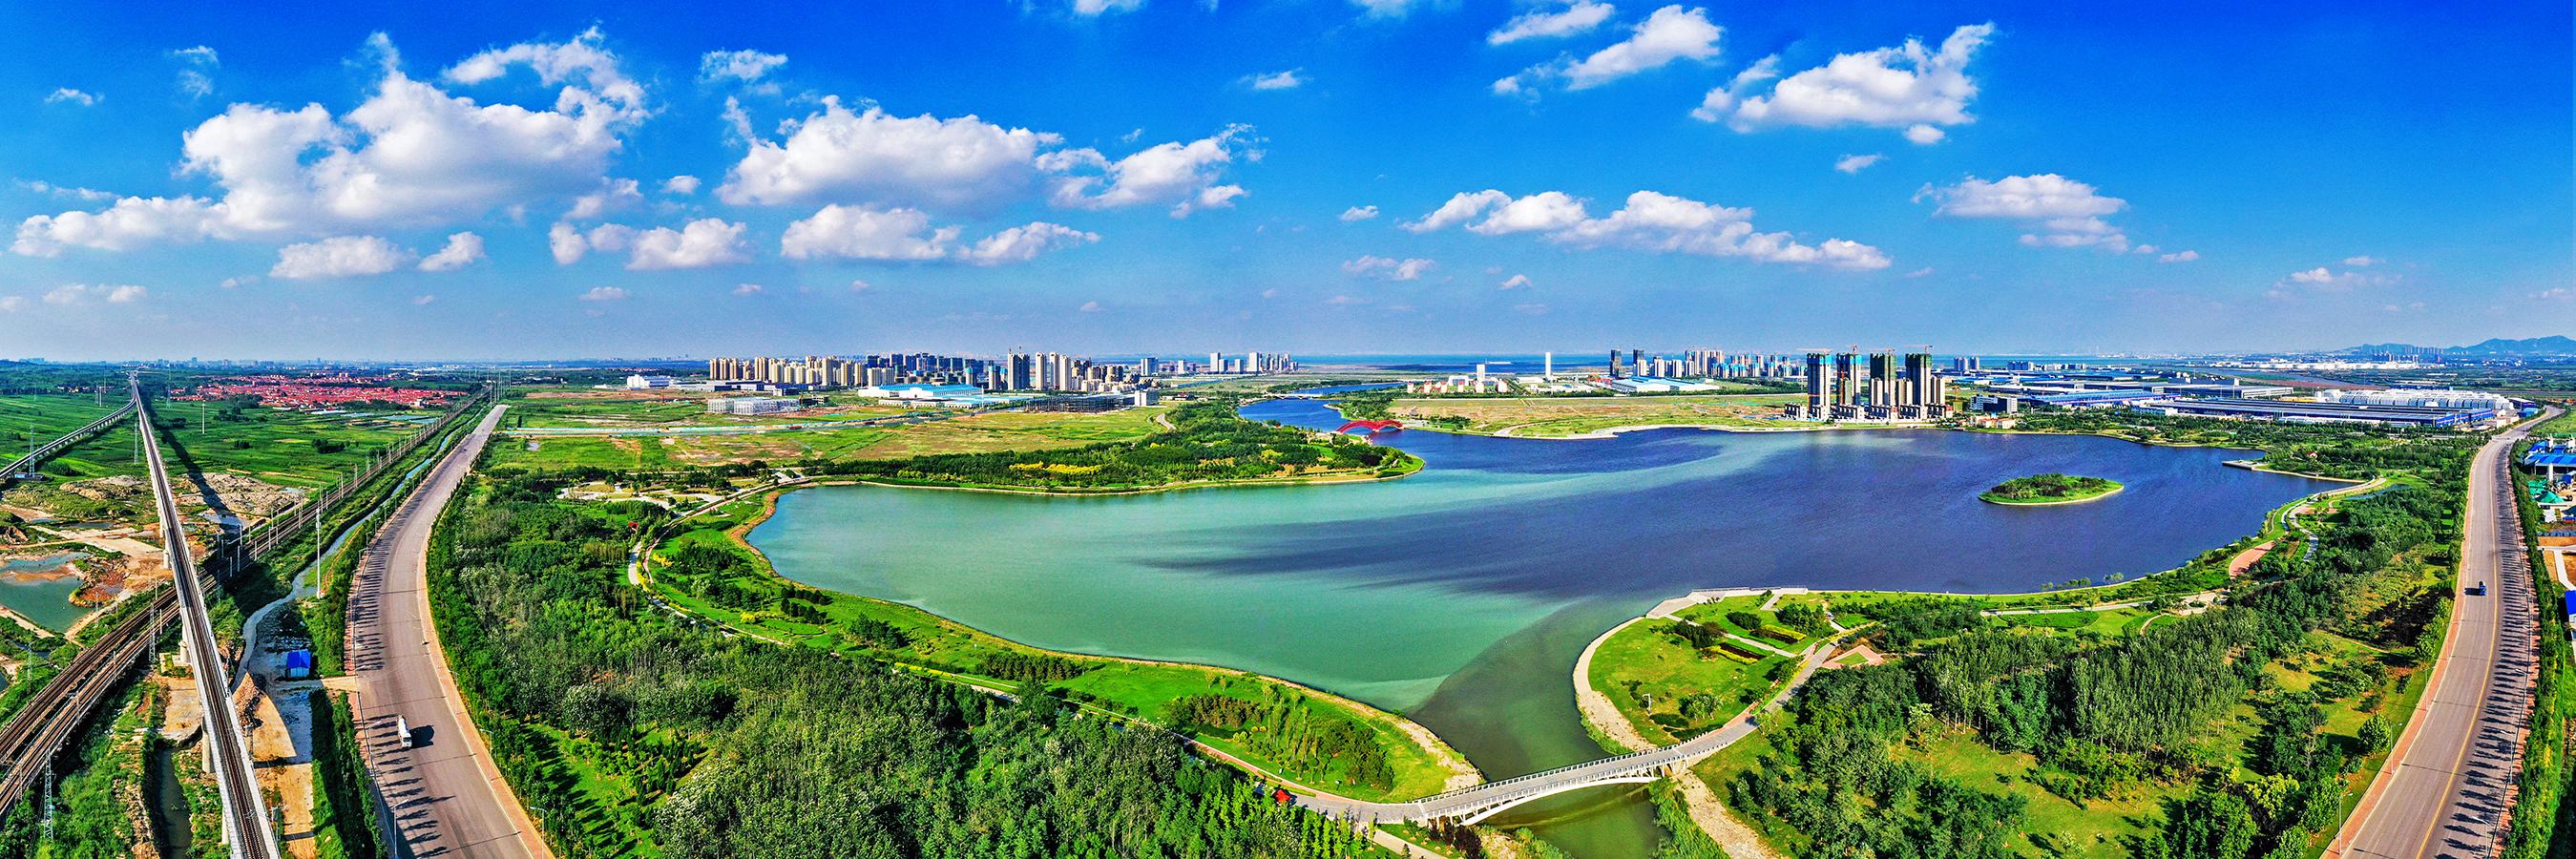 """上合示范区聚焦""""4+1""""中心建设任务,积极拓展国际物流、现代贸易、双向投资、商旅文化和海洋等领域合作。图为上合示范区鸟瞰图。"""